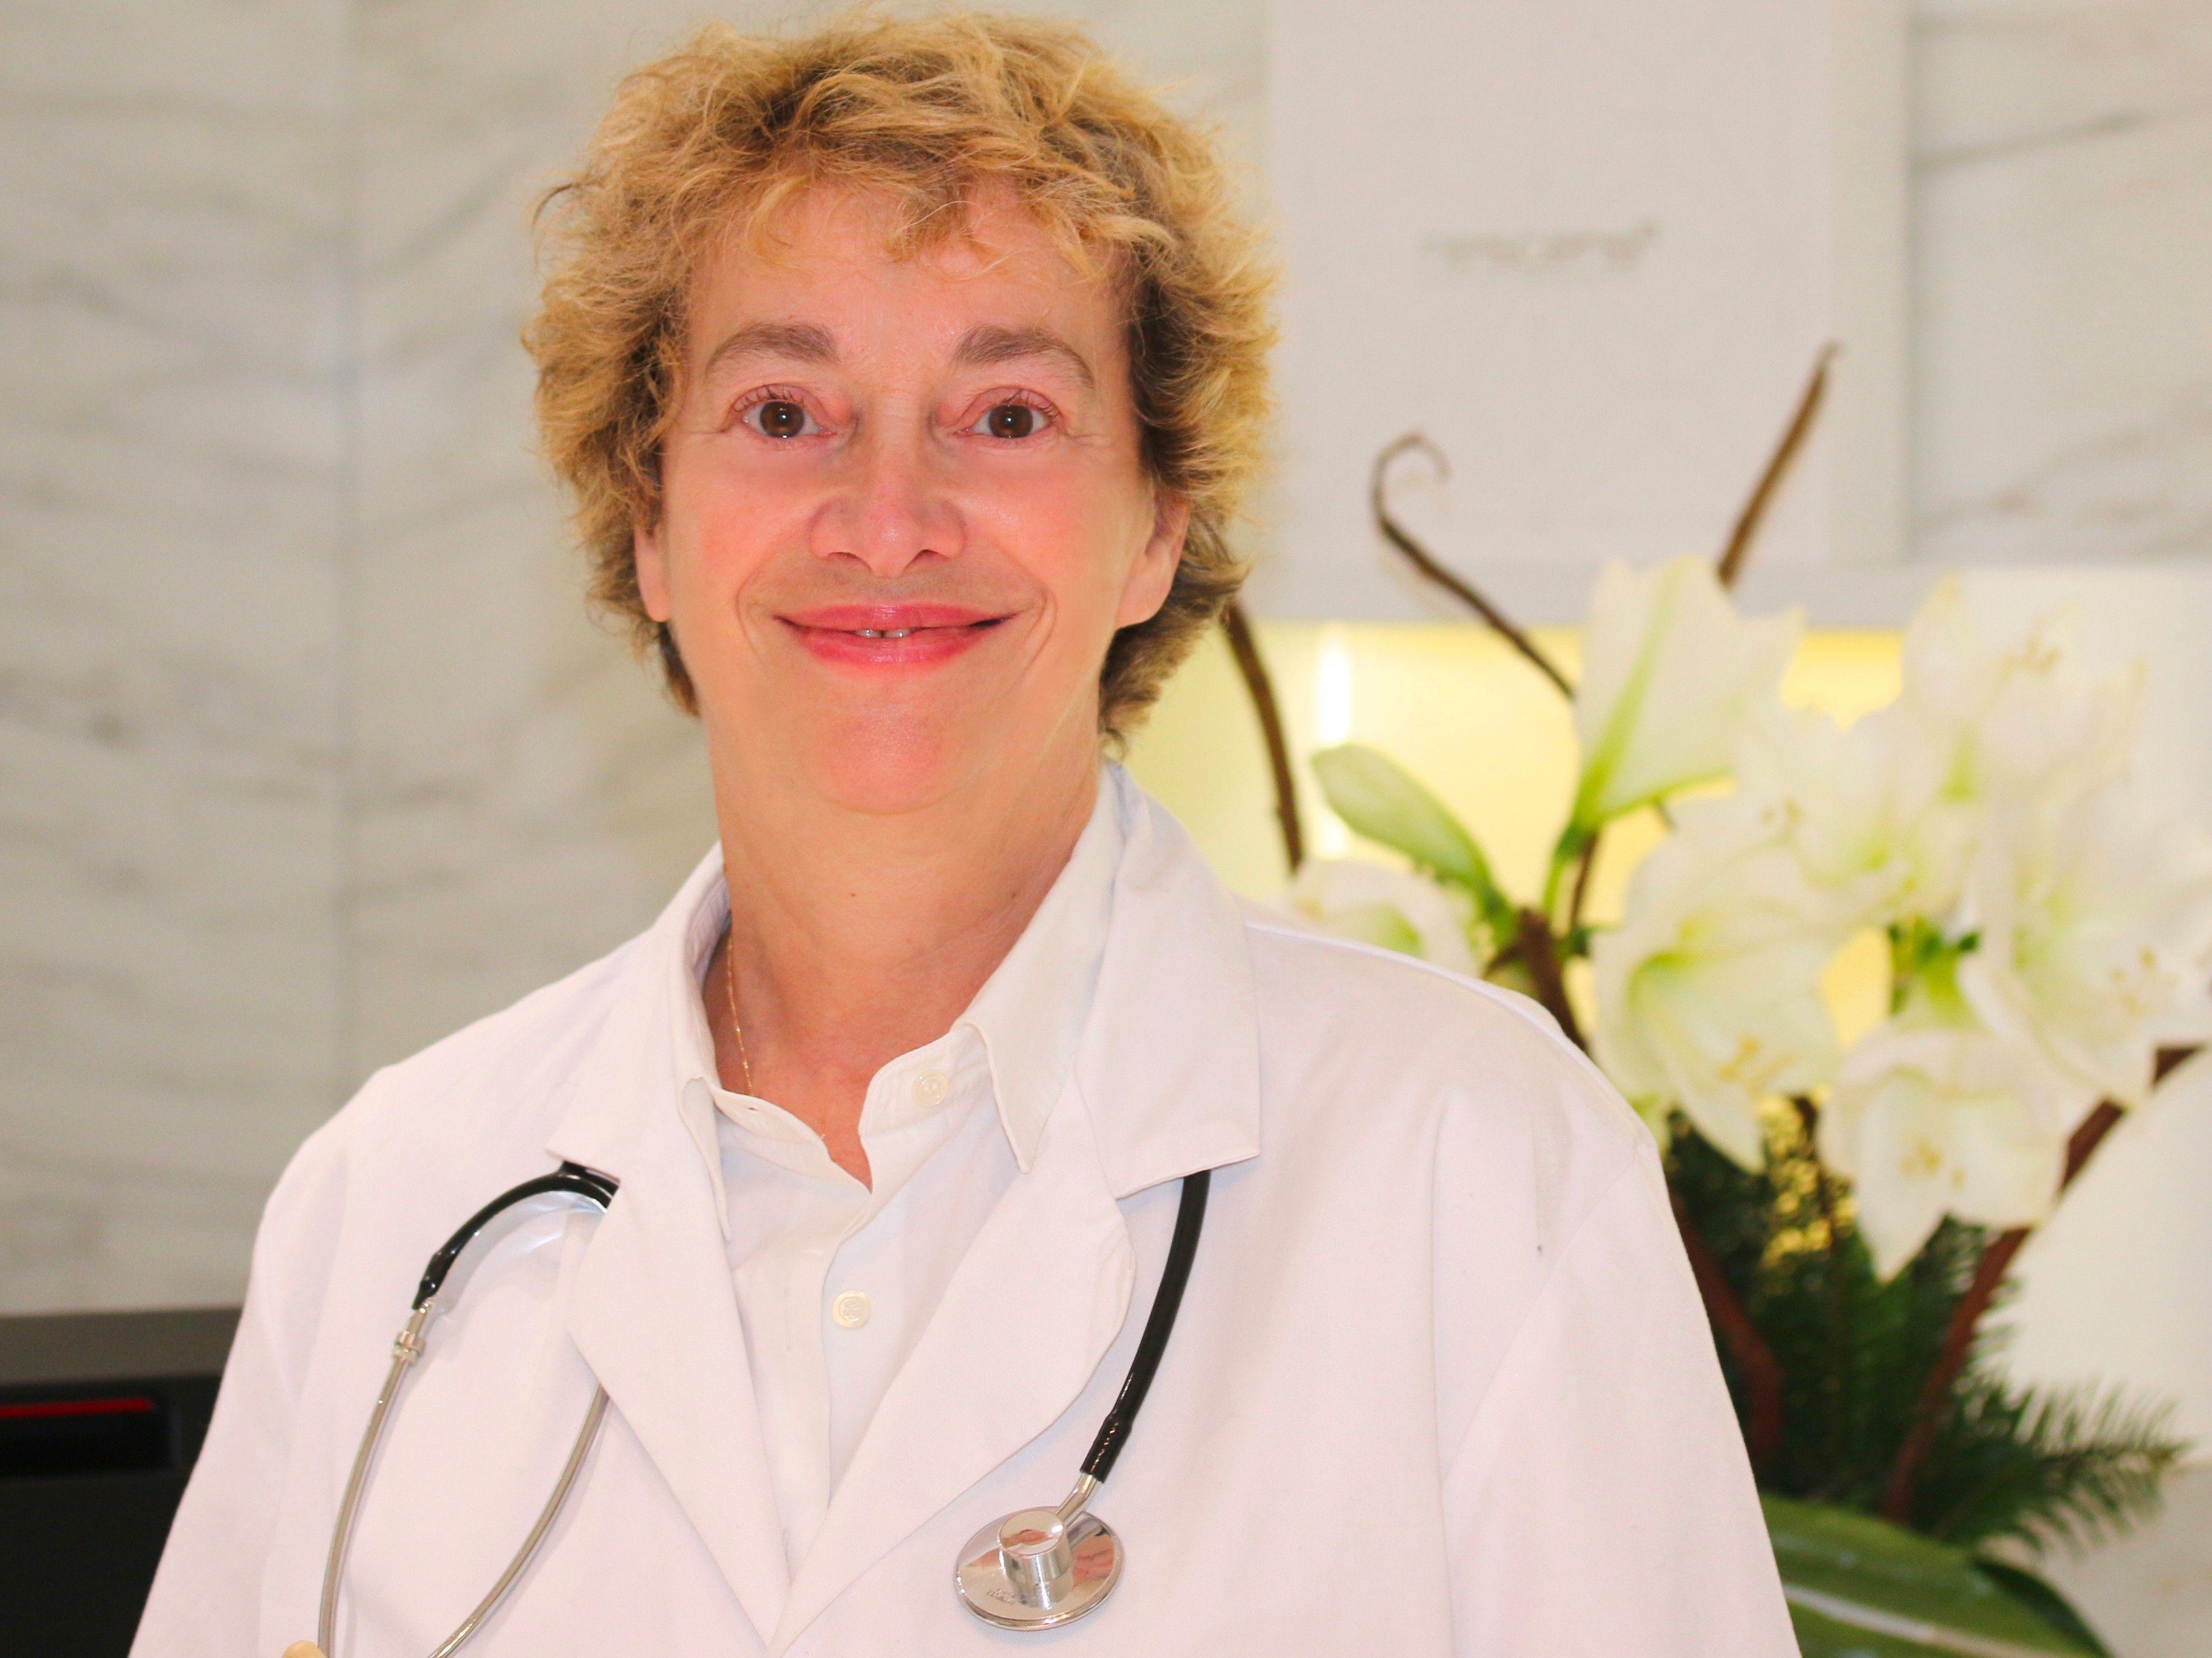 Le Dr Dominique Mariani, anesthésiste auprès du Dr Marchac